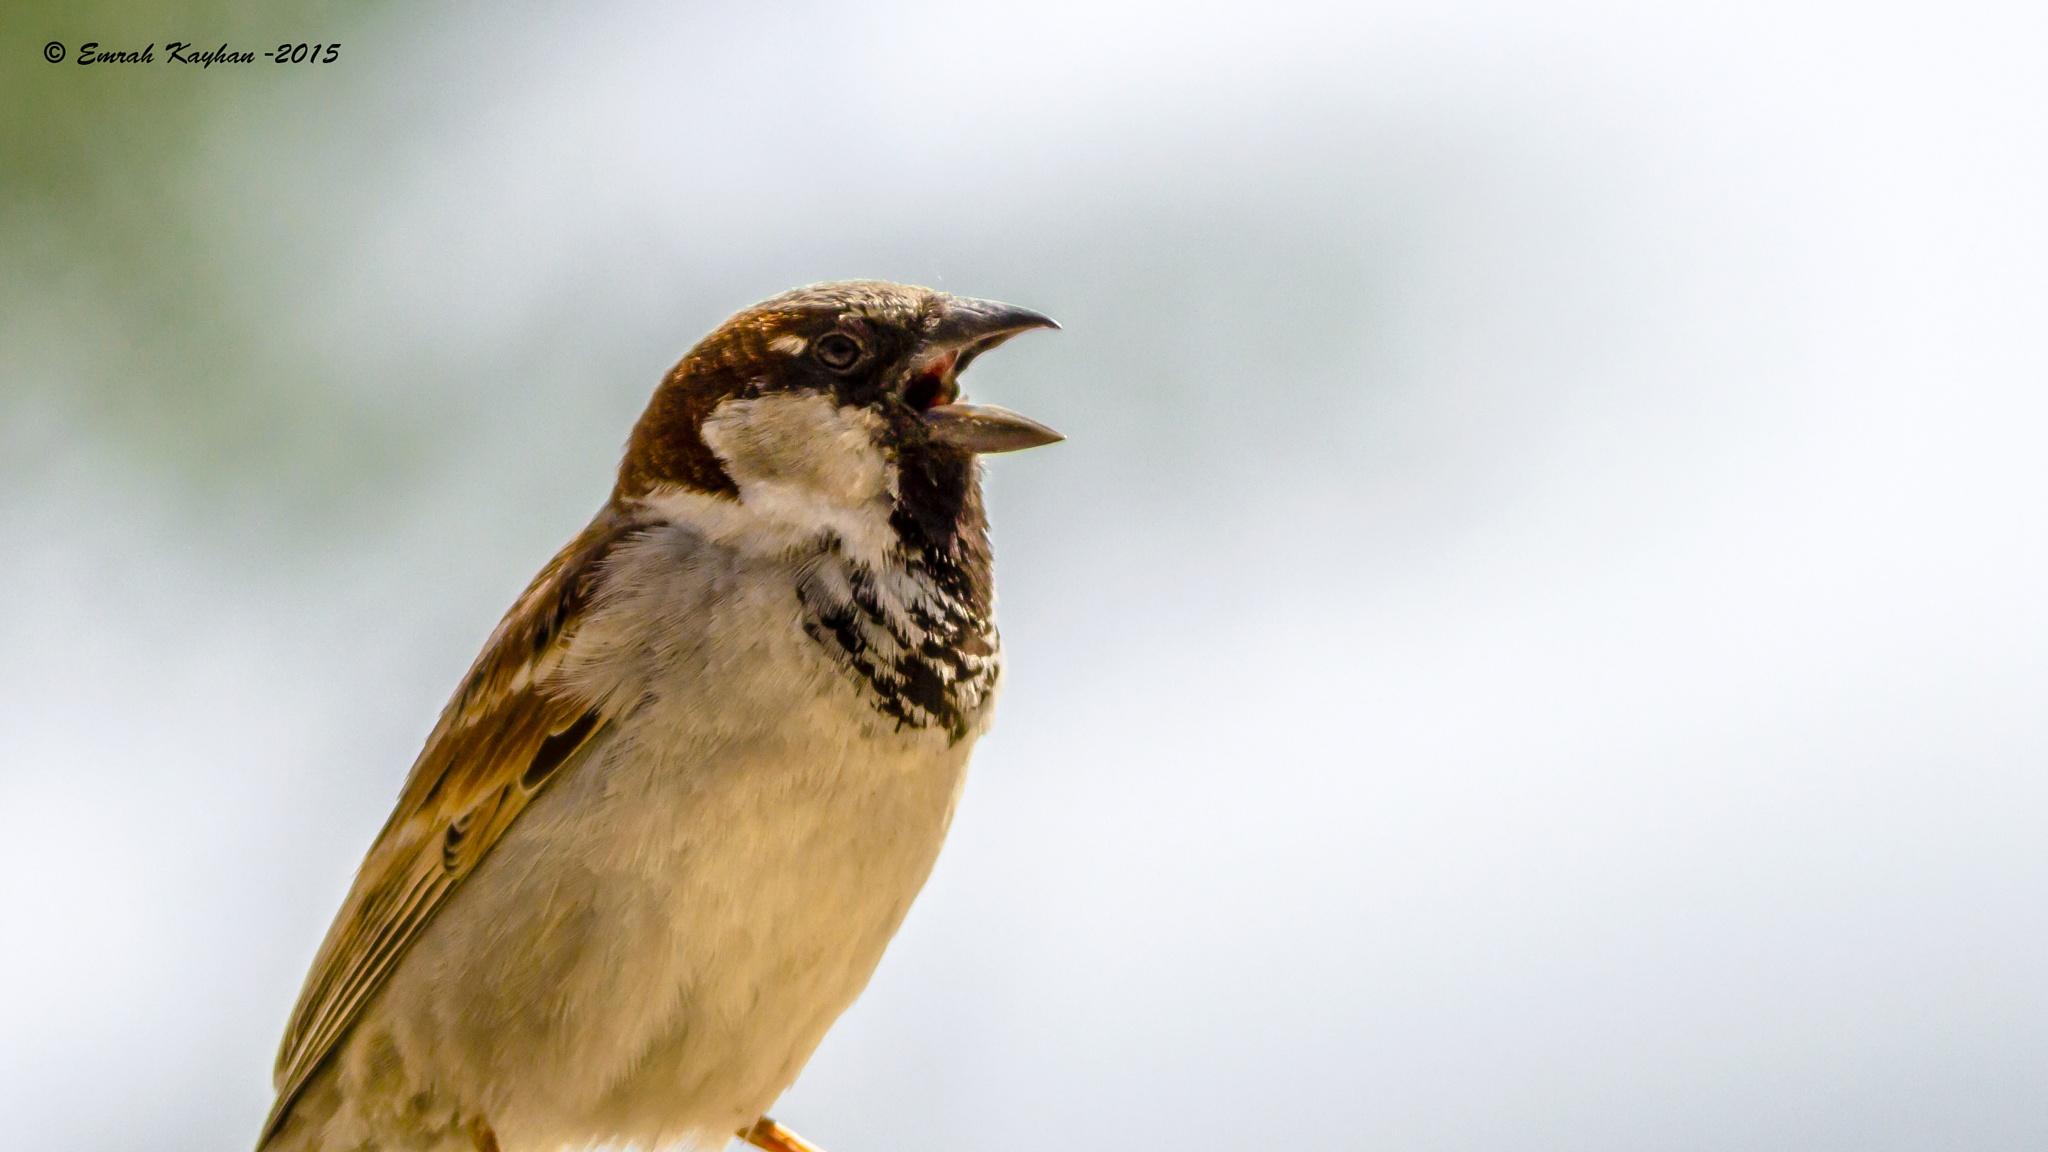 House Sparrow by EmrahKayhan